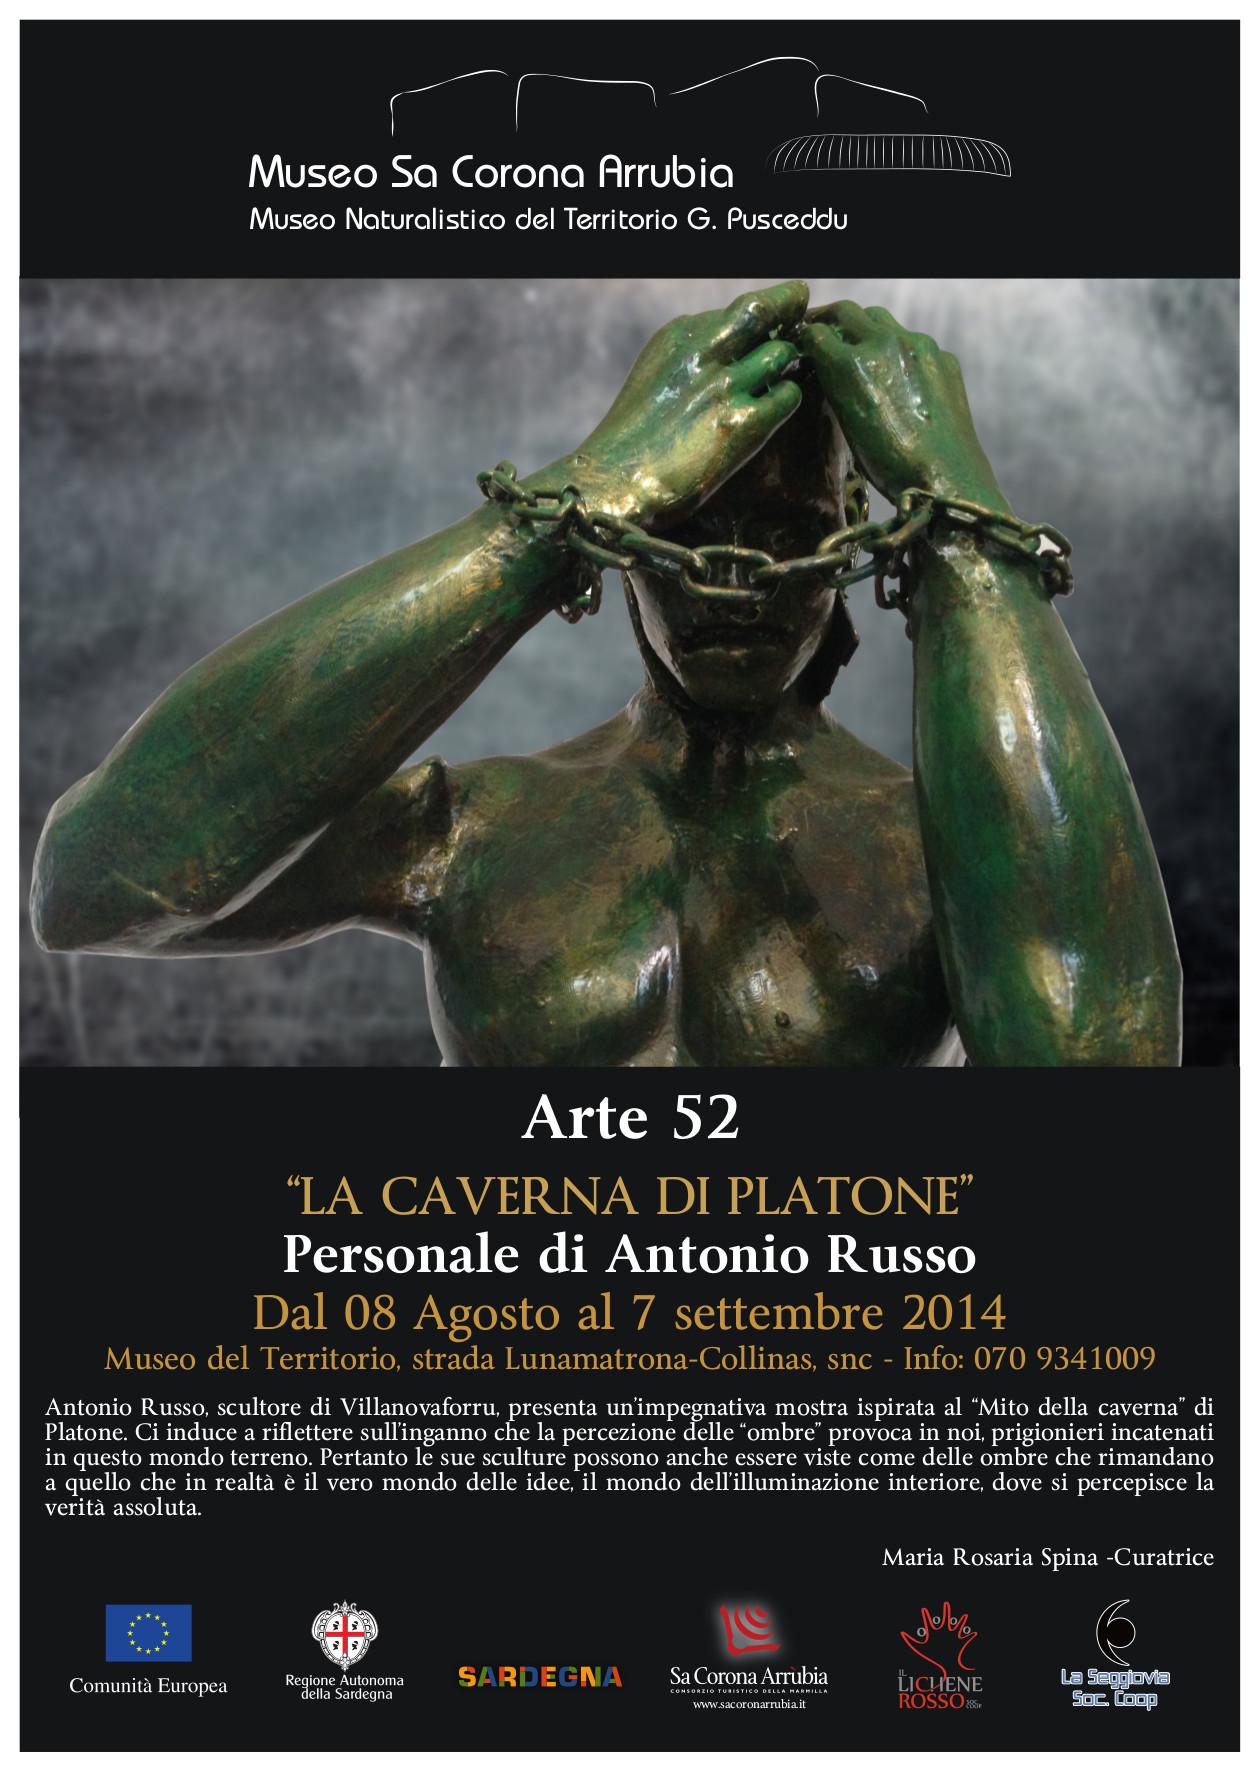 """Arte52  """"LA CAVERNA DI PLATONE""""  Personale di Antonio Russo  Dal 8 agosto al 7 settembre 2014  Museo naturalistico del territorio """"G. Pusceddu""""    strada Lunamatrona-Collinas"""